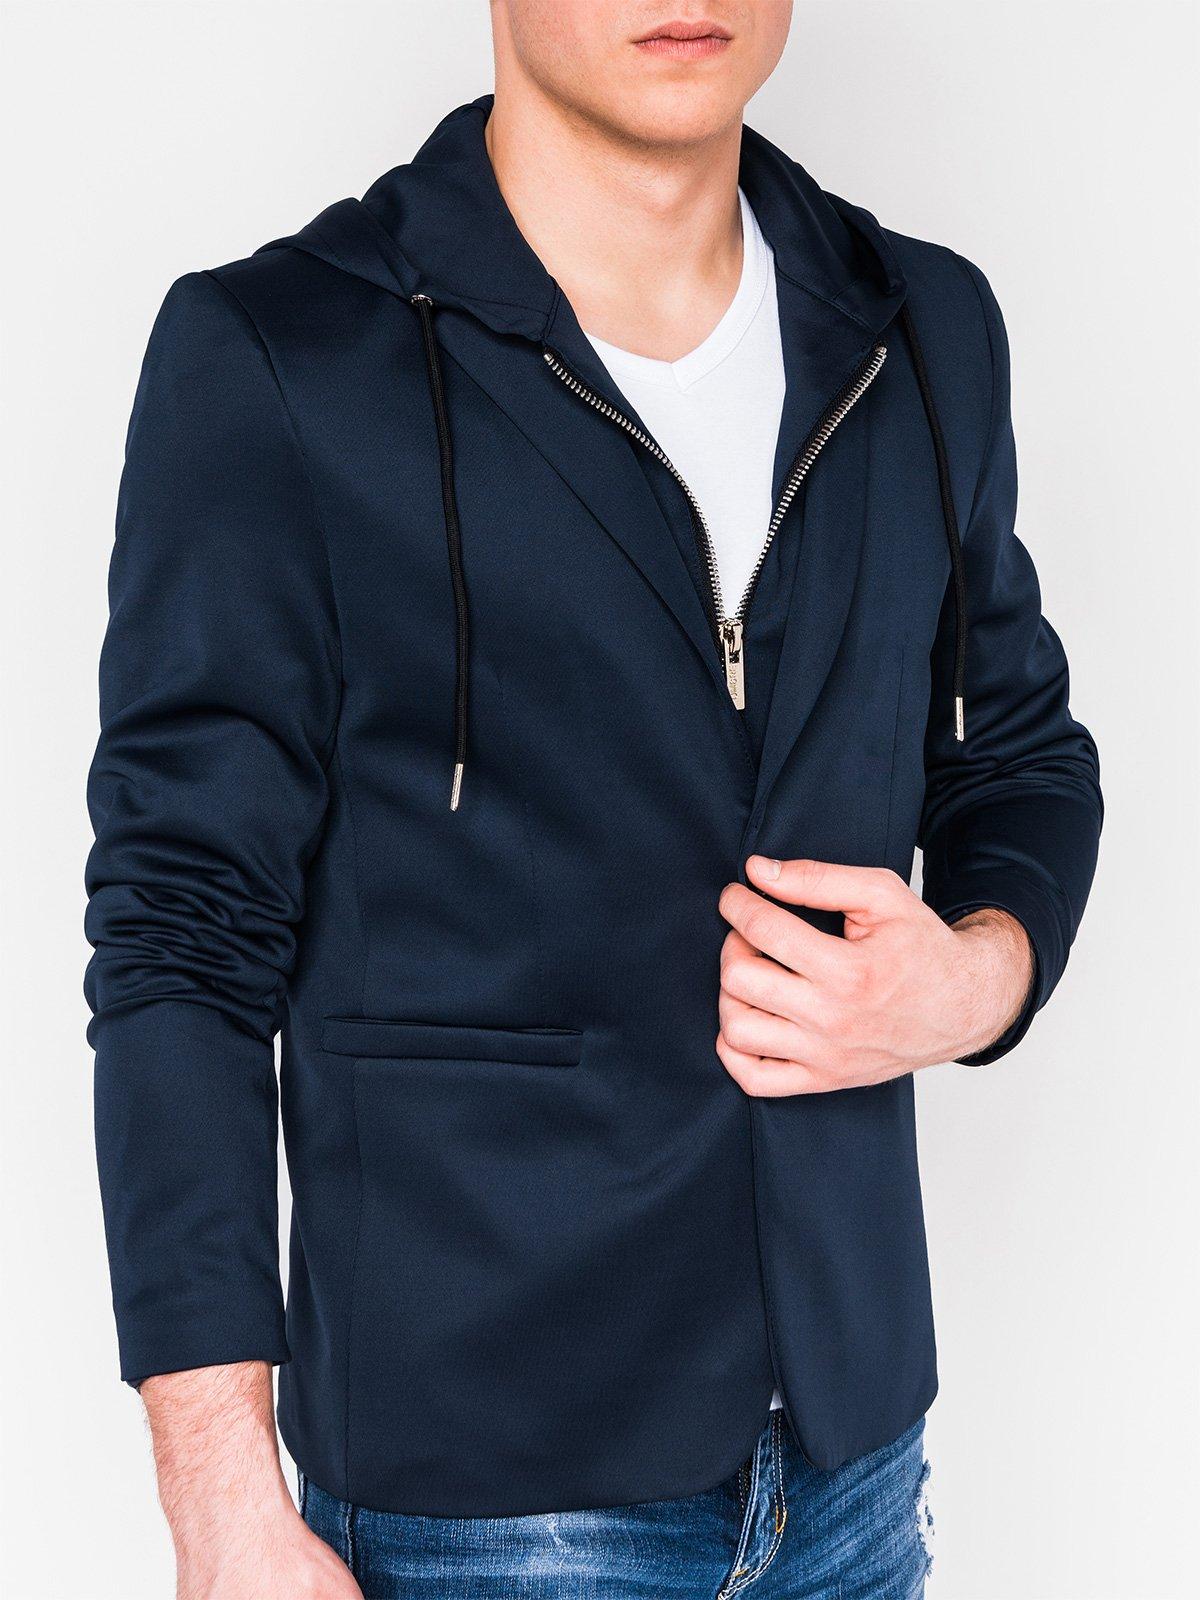 Купить со скидкой Піджак чоловічий повсякденний з капюшоном M99 - темно-синій